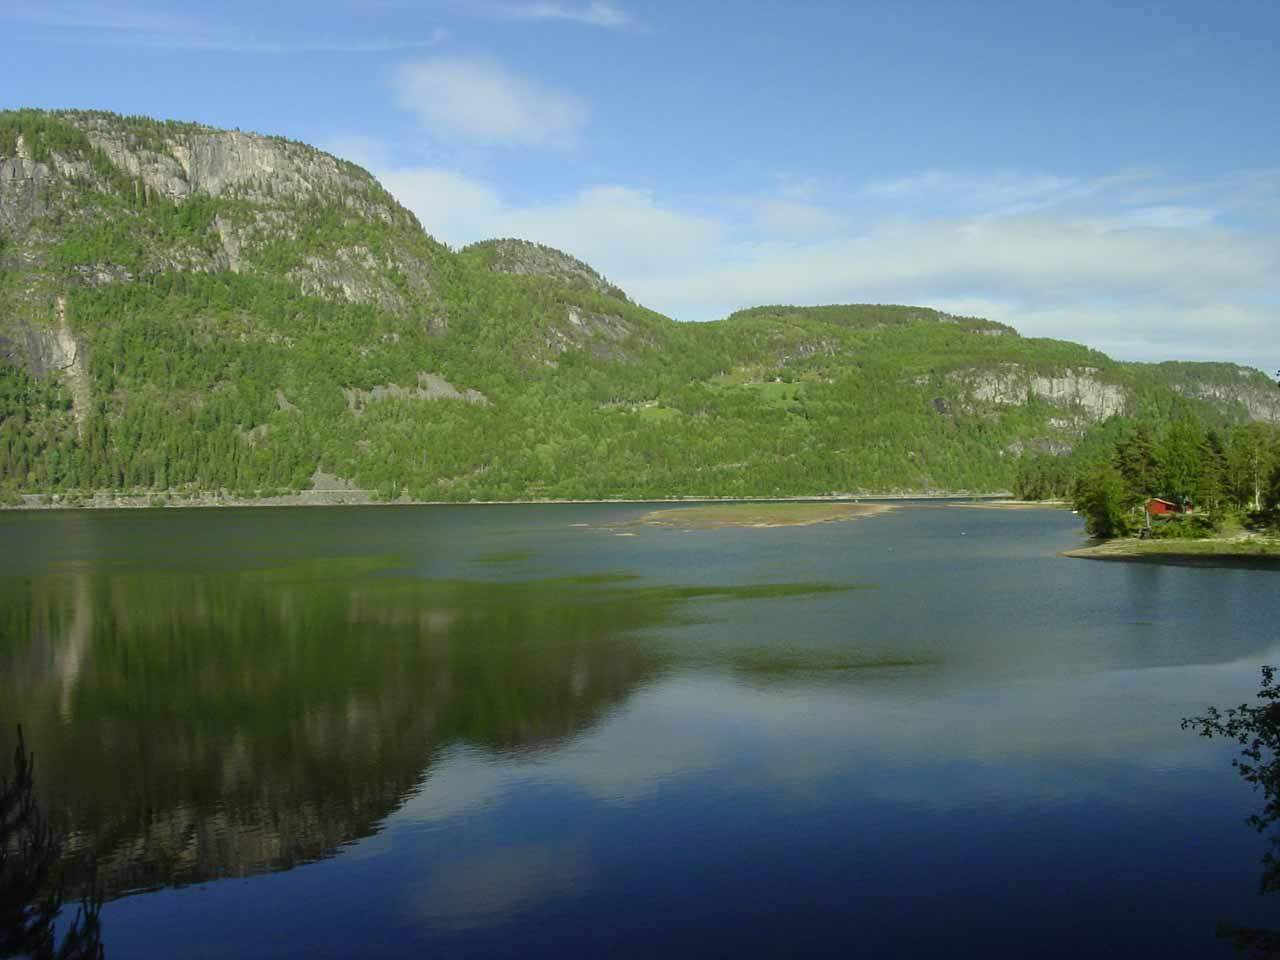 Looking away from Reiårsfossen towards Åraksfjorden